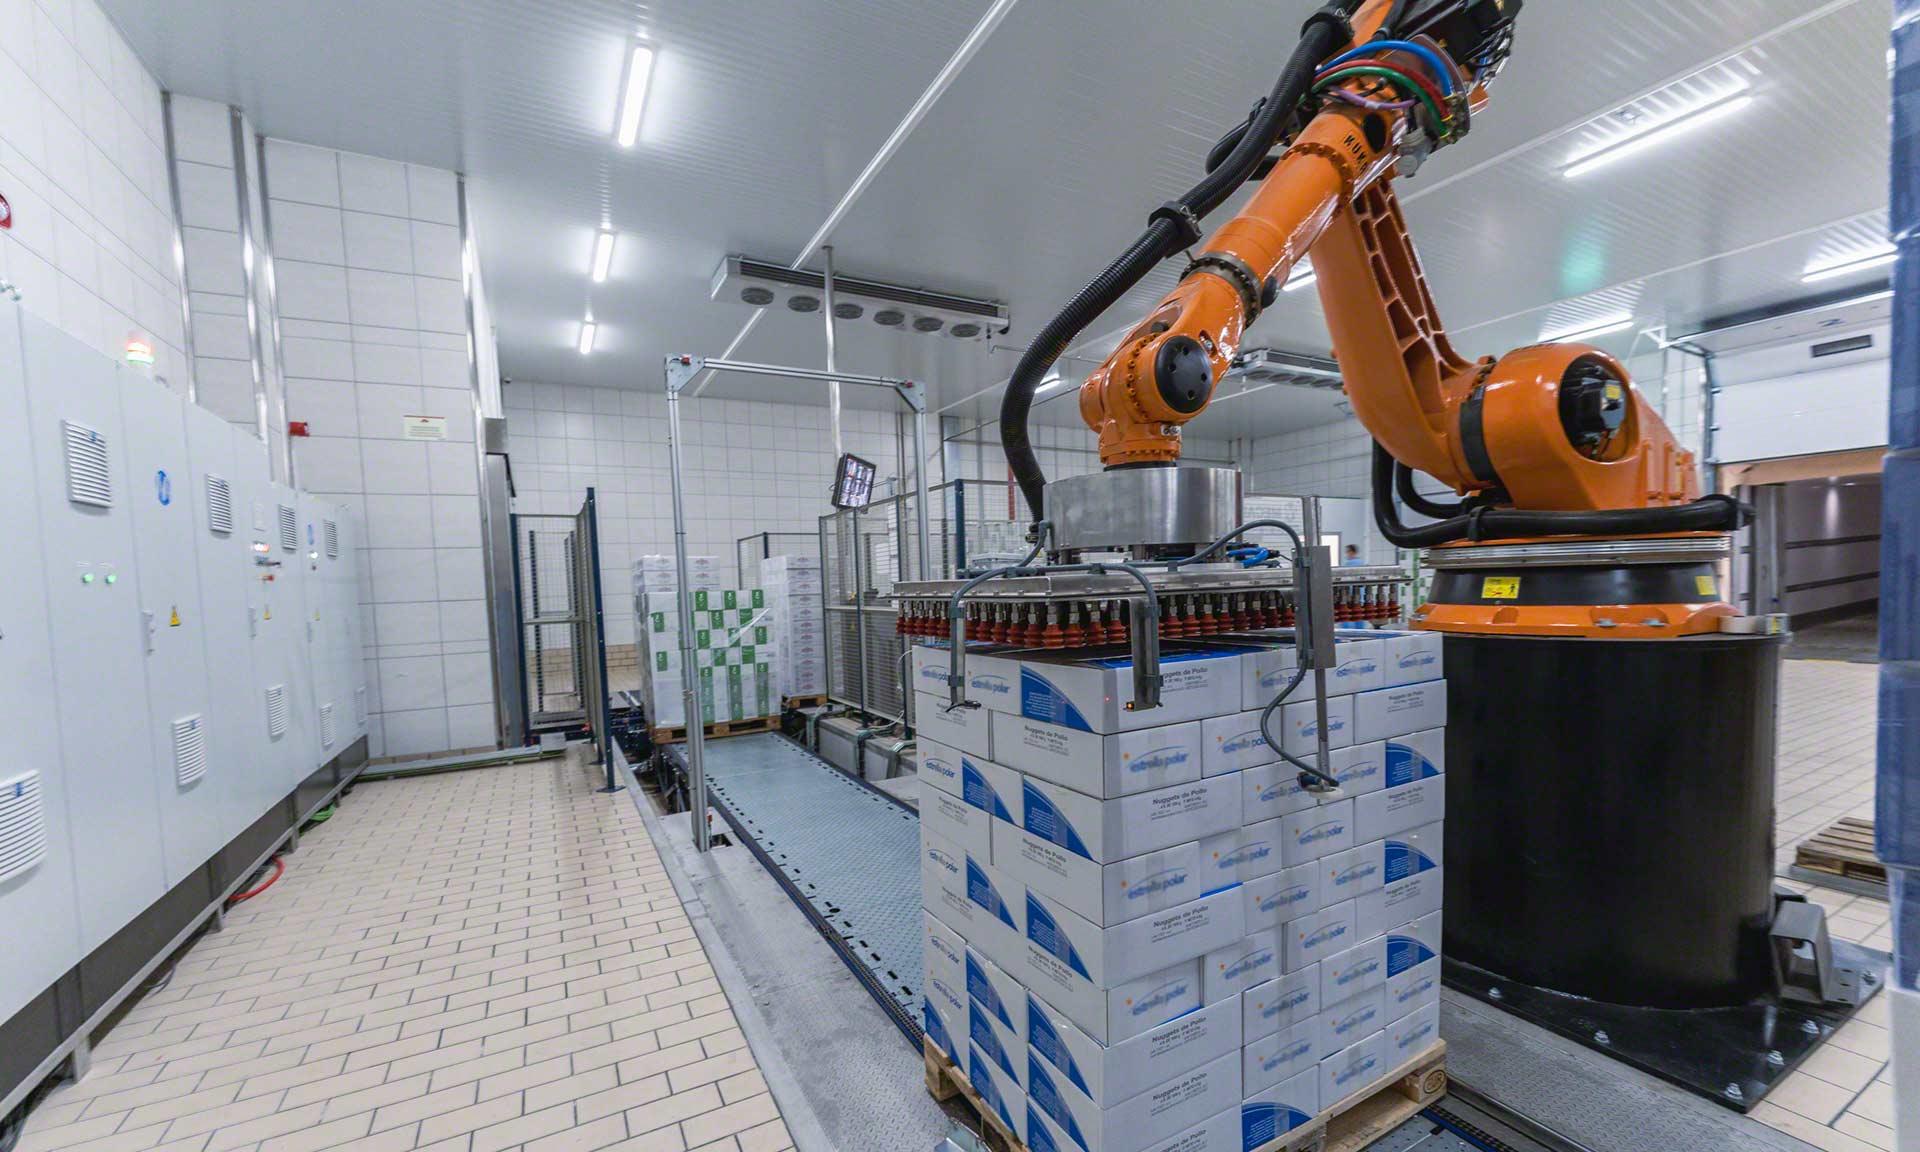 Los robots de almacén aportan velocidad y eficiencia a las tareas de almacenaje y preparación de pedidos